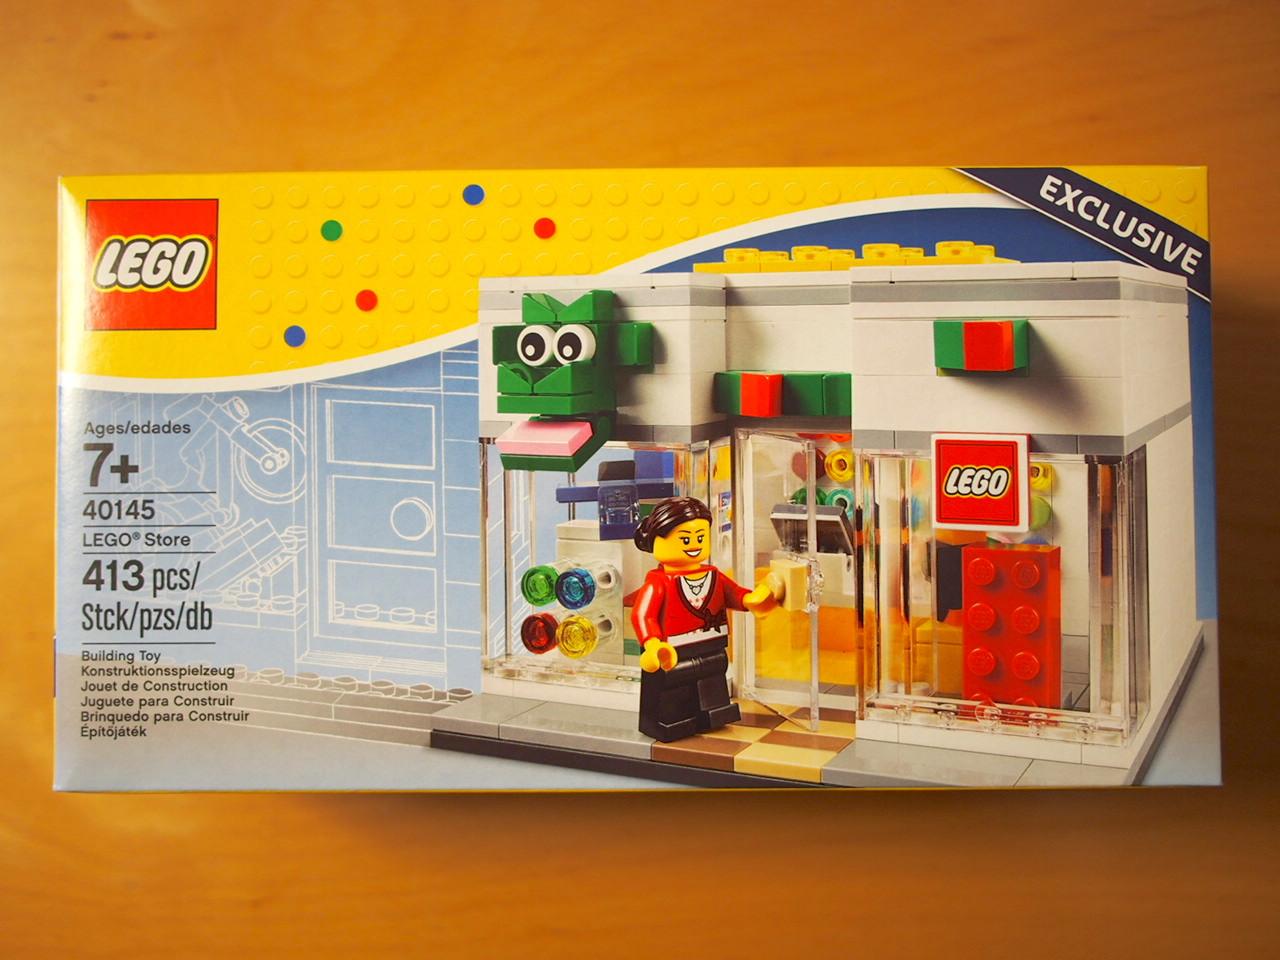 toymim撮影2:レゴ  レゴストア  40145